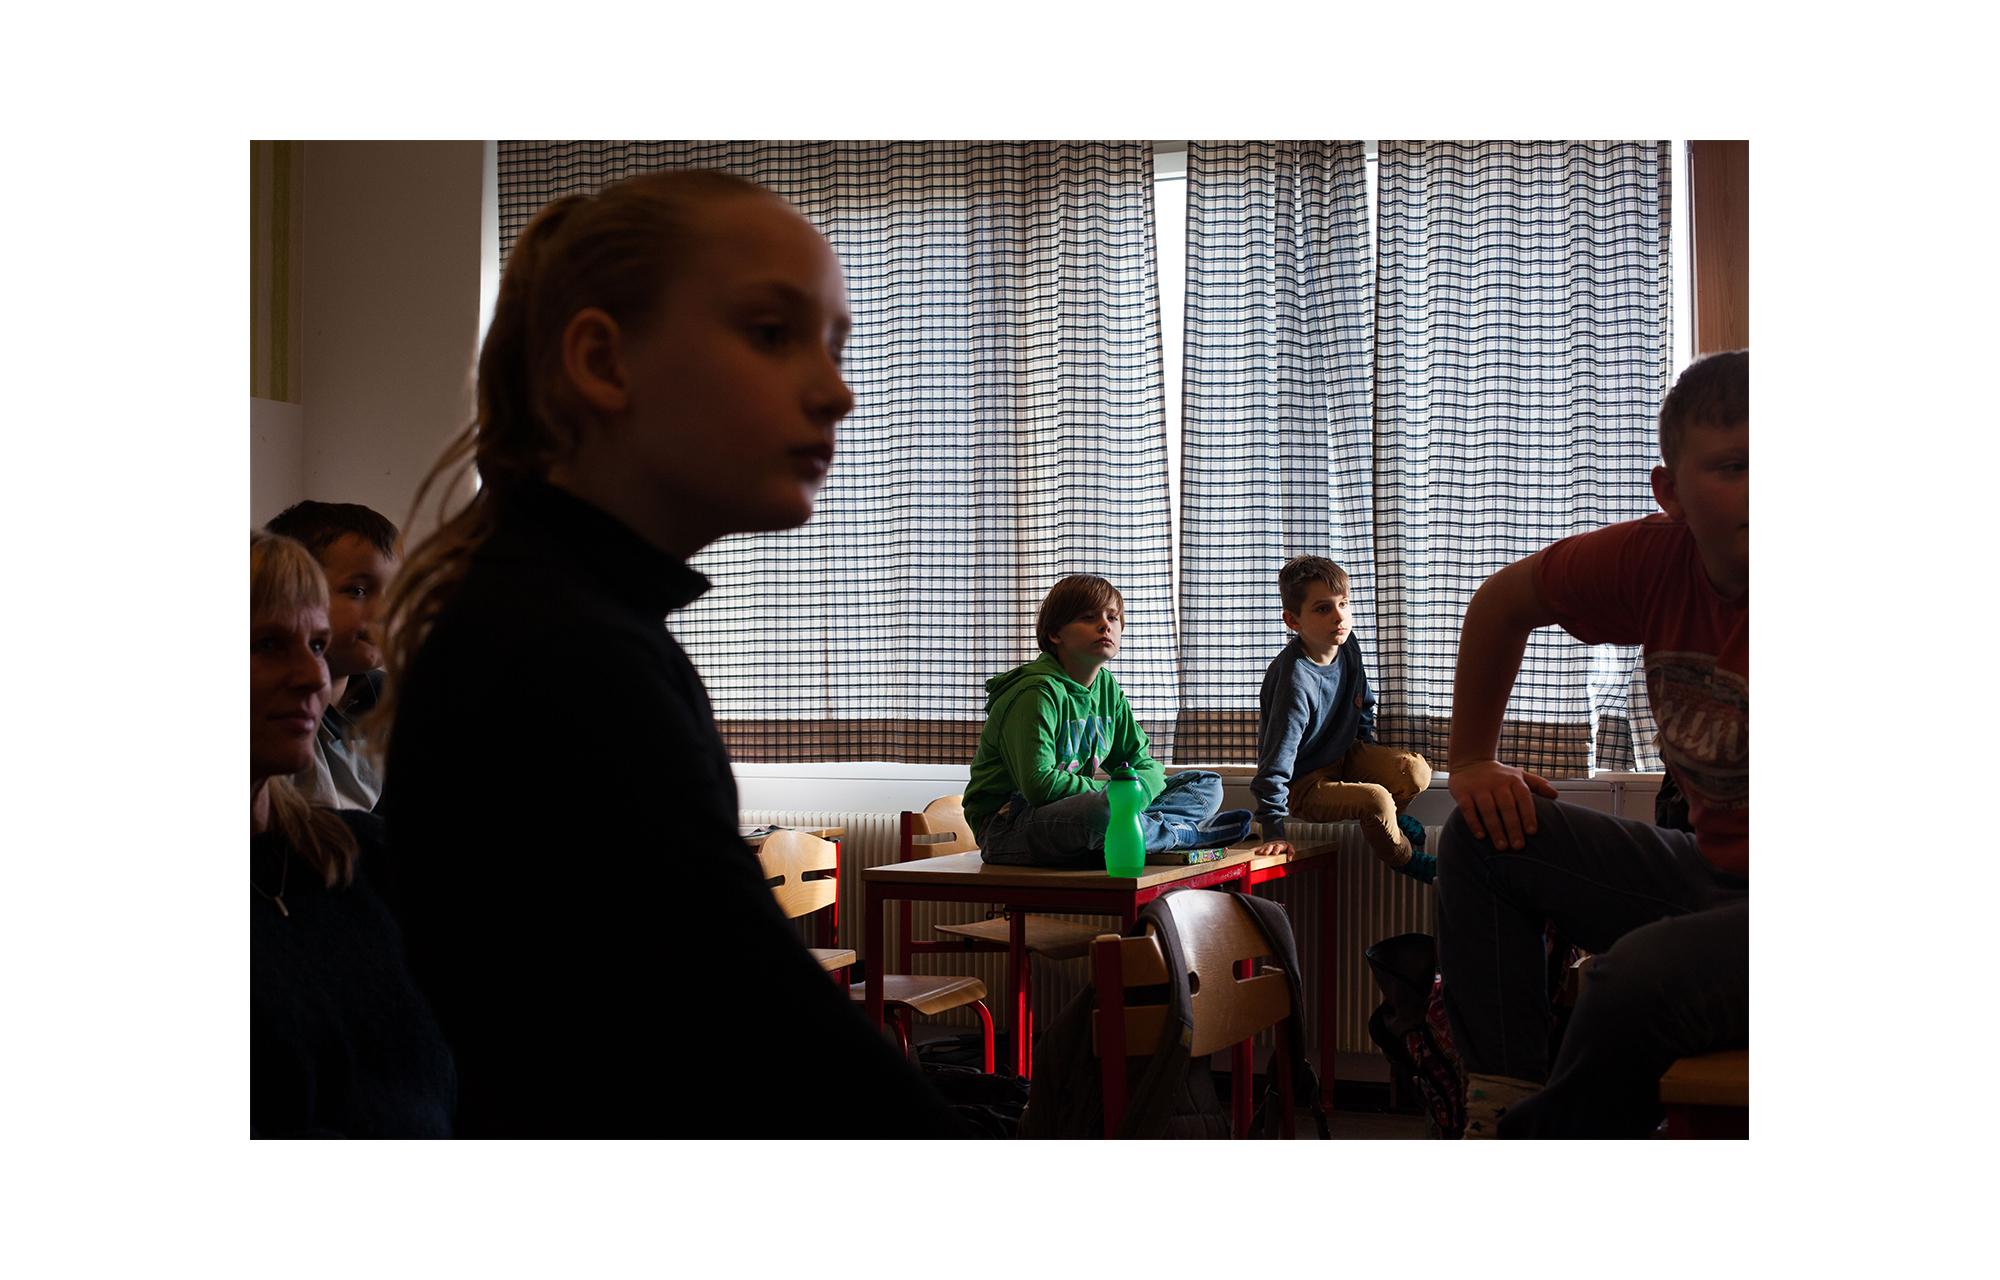 Mollebakkegaard_rc-021.jpg